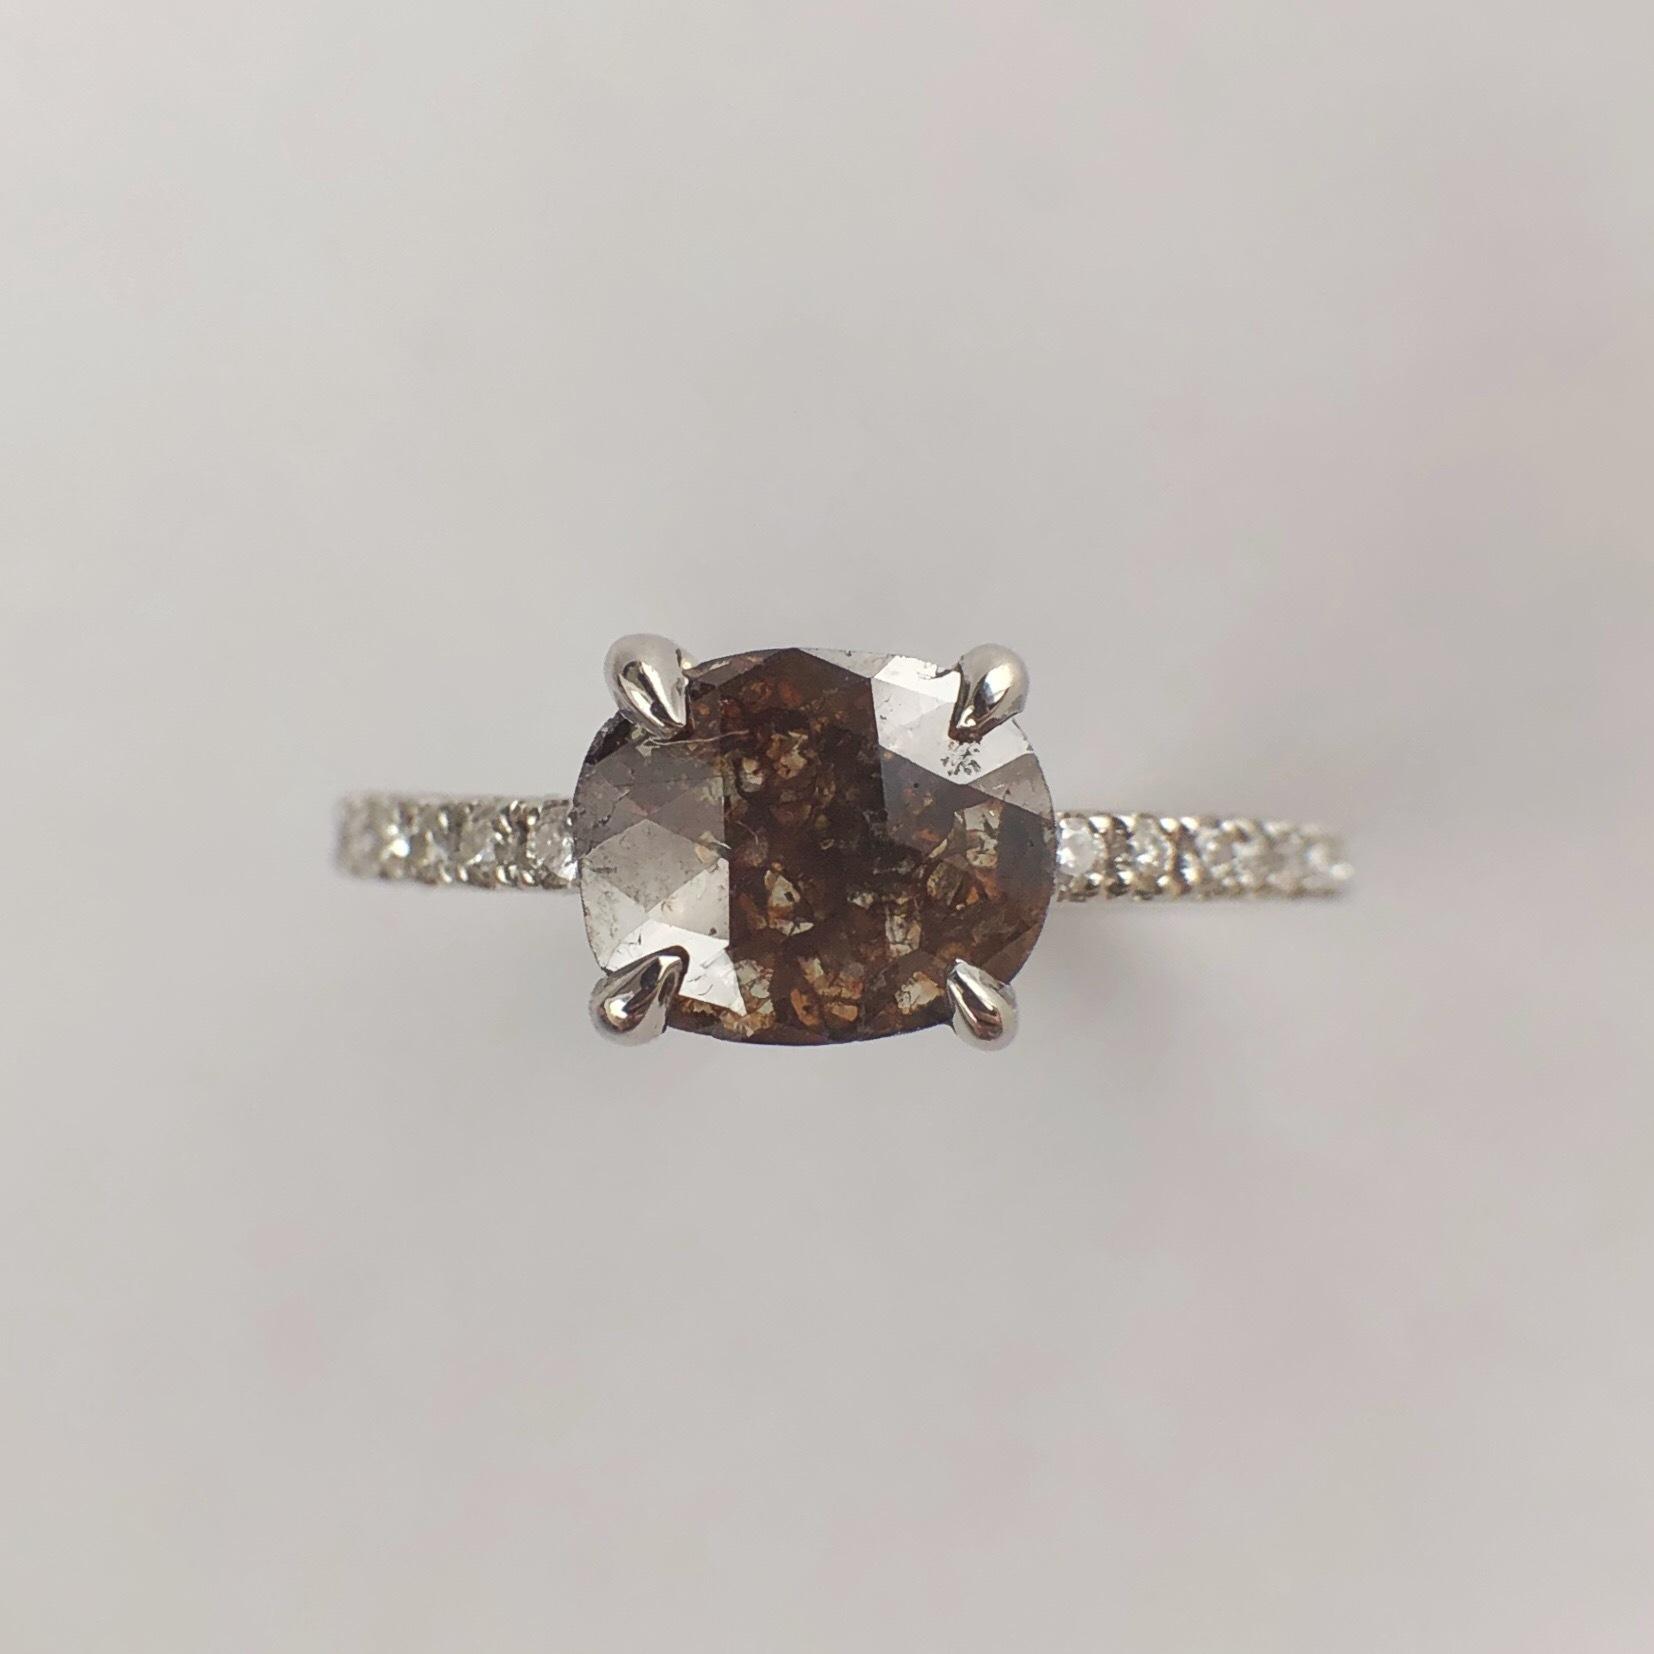 ブラウン ナチュラルダイヤモンドリング 0.680/0.11ct  PT チェカ 鑑別書付